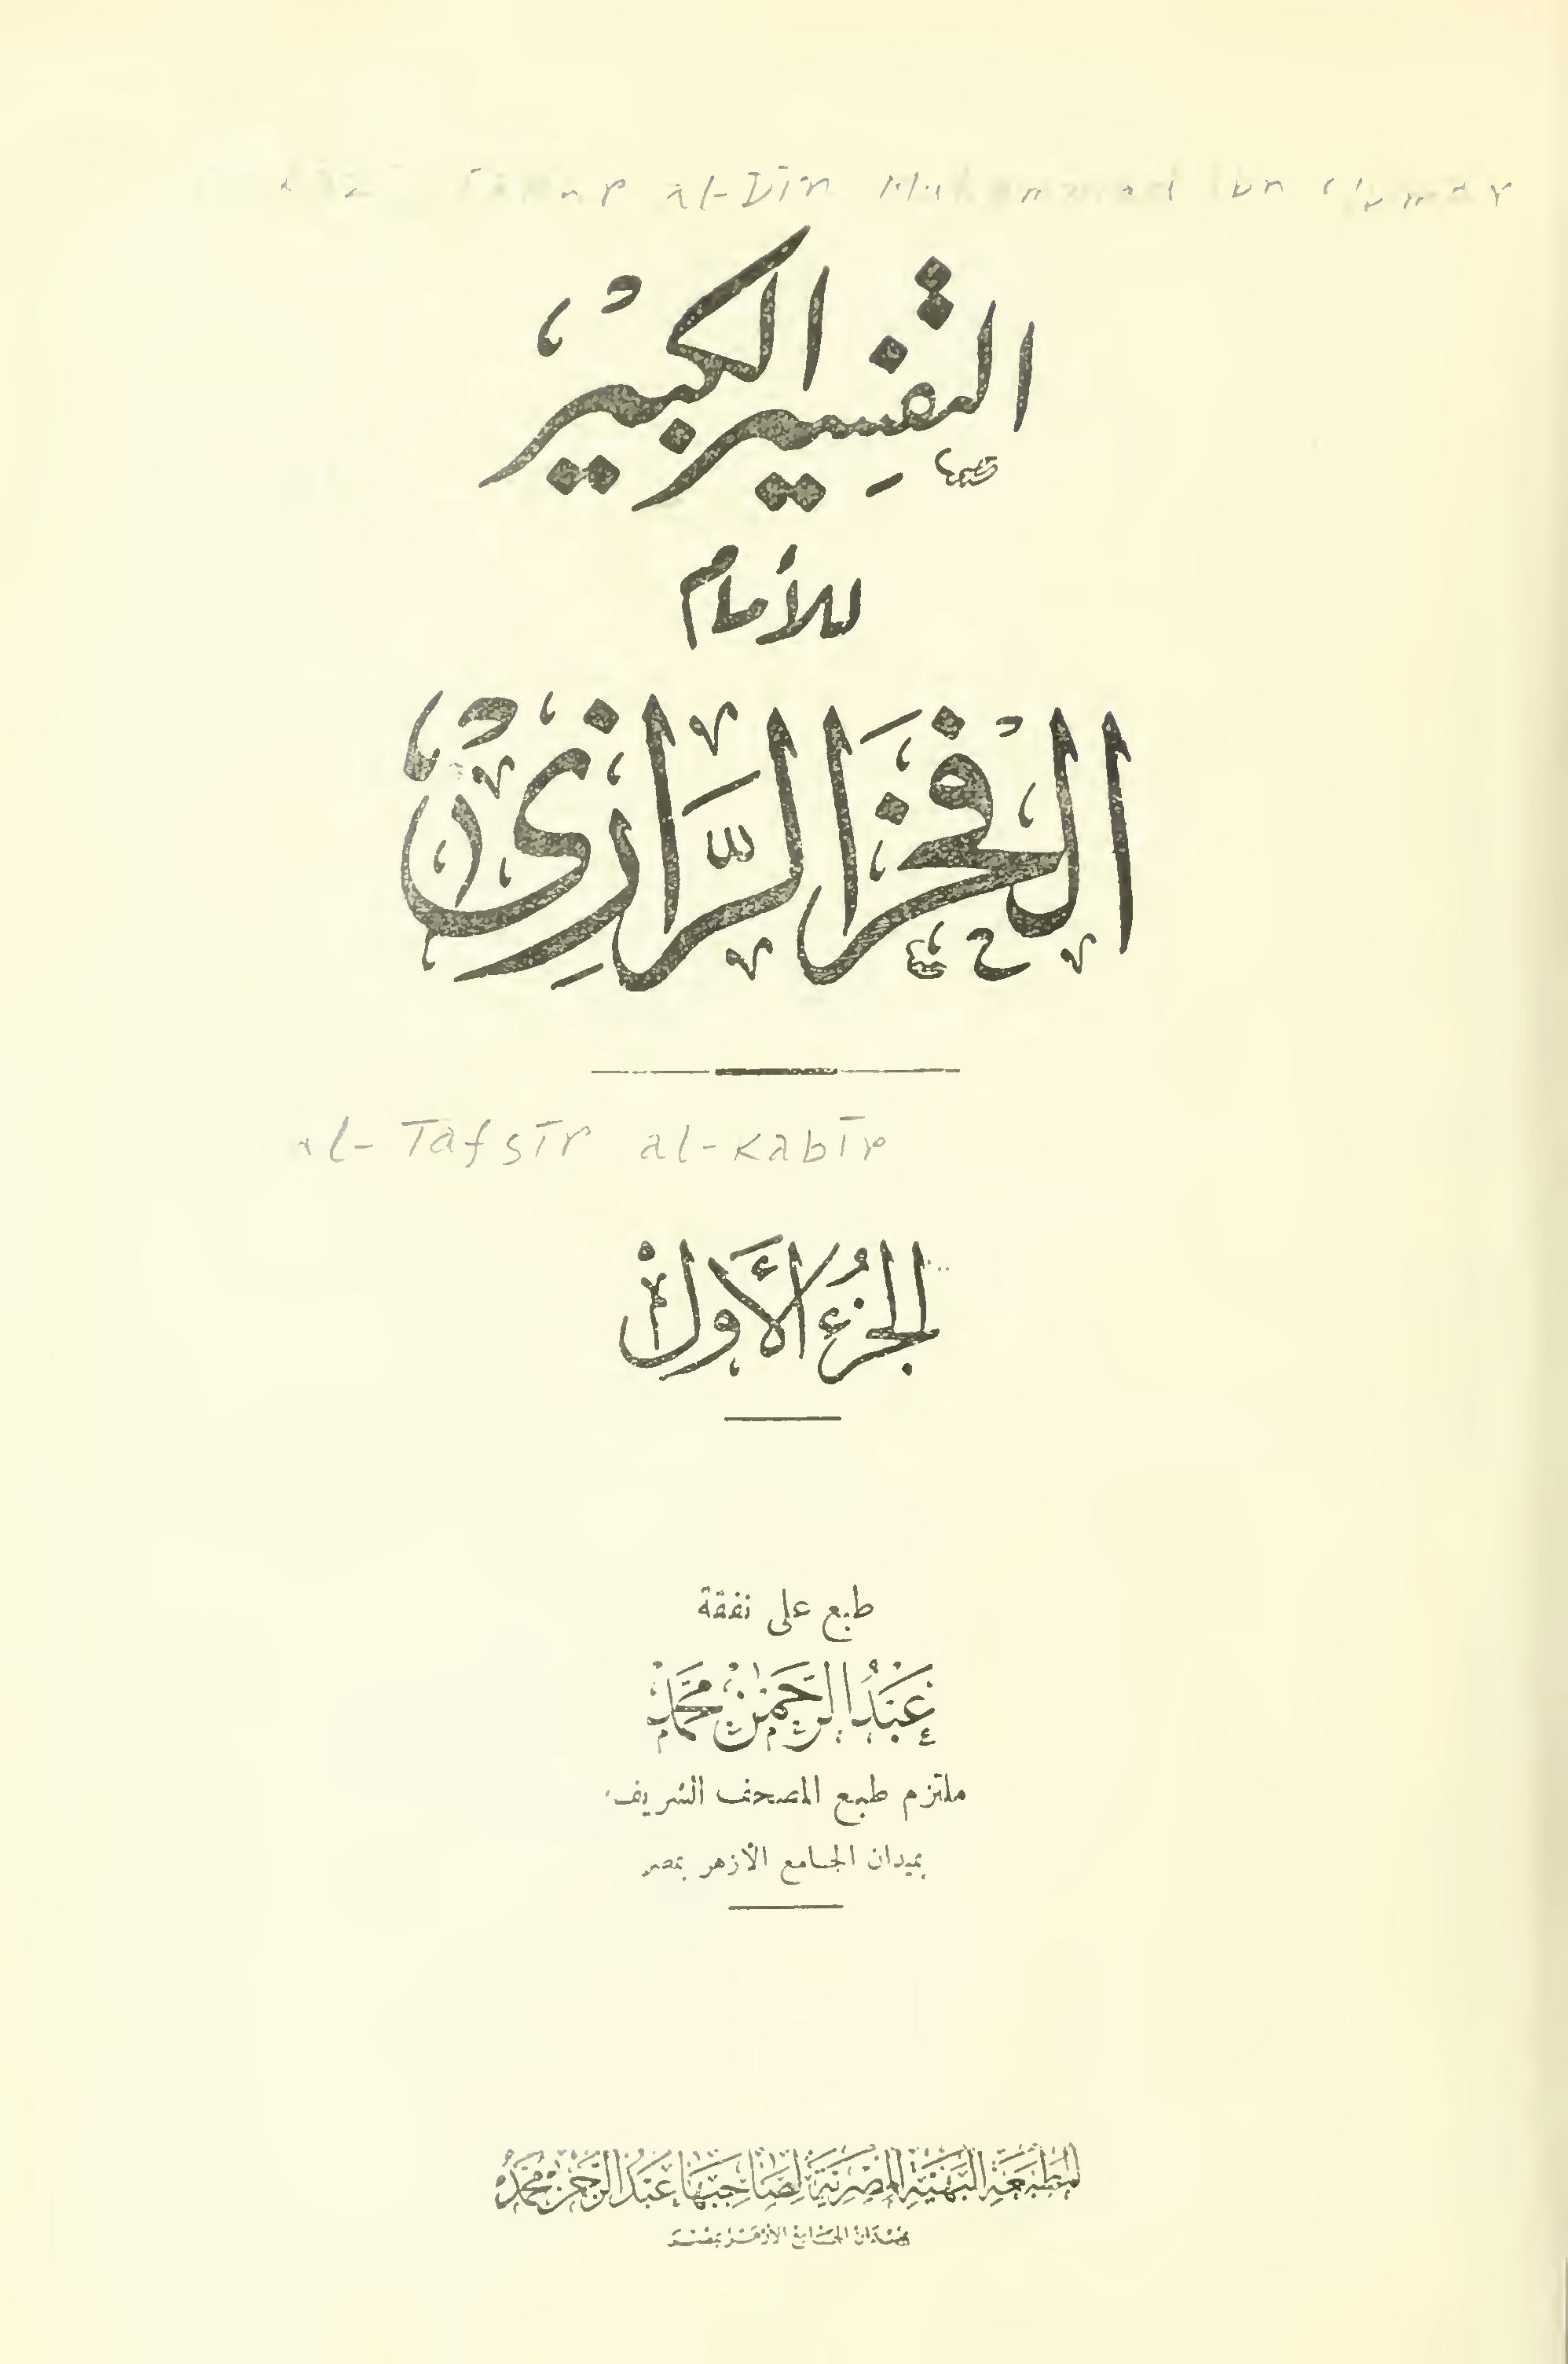 تحميل كتاب التفسير الكبير للإمام الفخر الرازي لـِ: الإمام فخر الدين أبو عبد الله محمد بن عمر بن الحسن التيمي الرازي (ت 606)